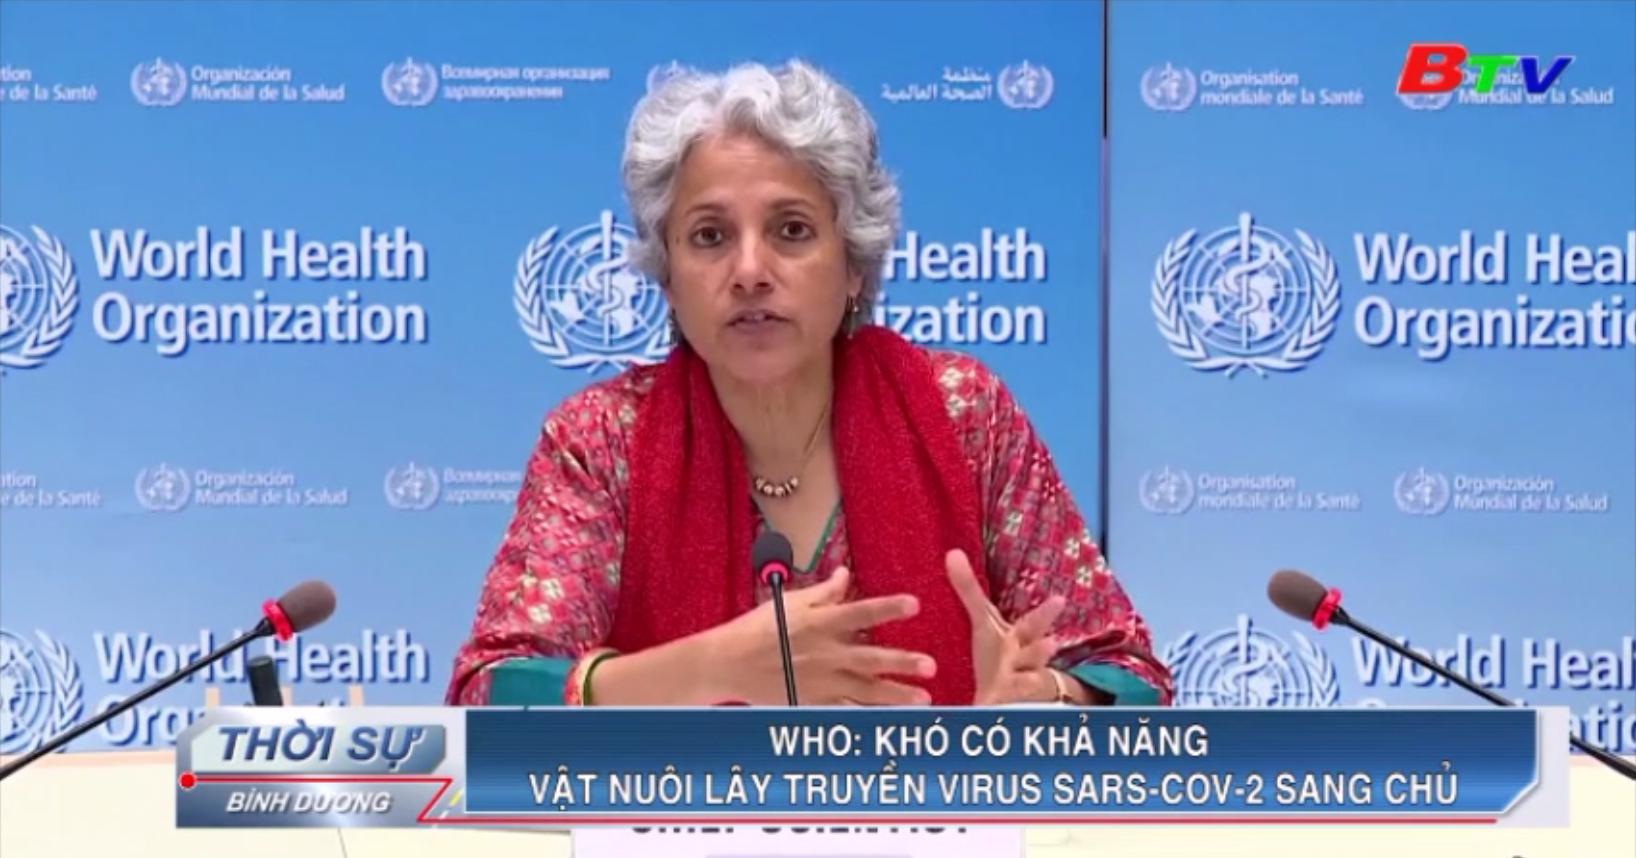 WHO - Khó có khả năng vật nuôi lây truyền virus SARS-CoV-2 sang chủ